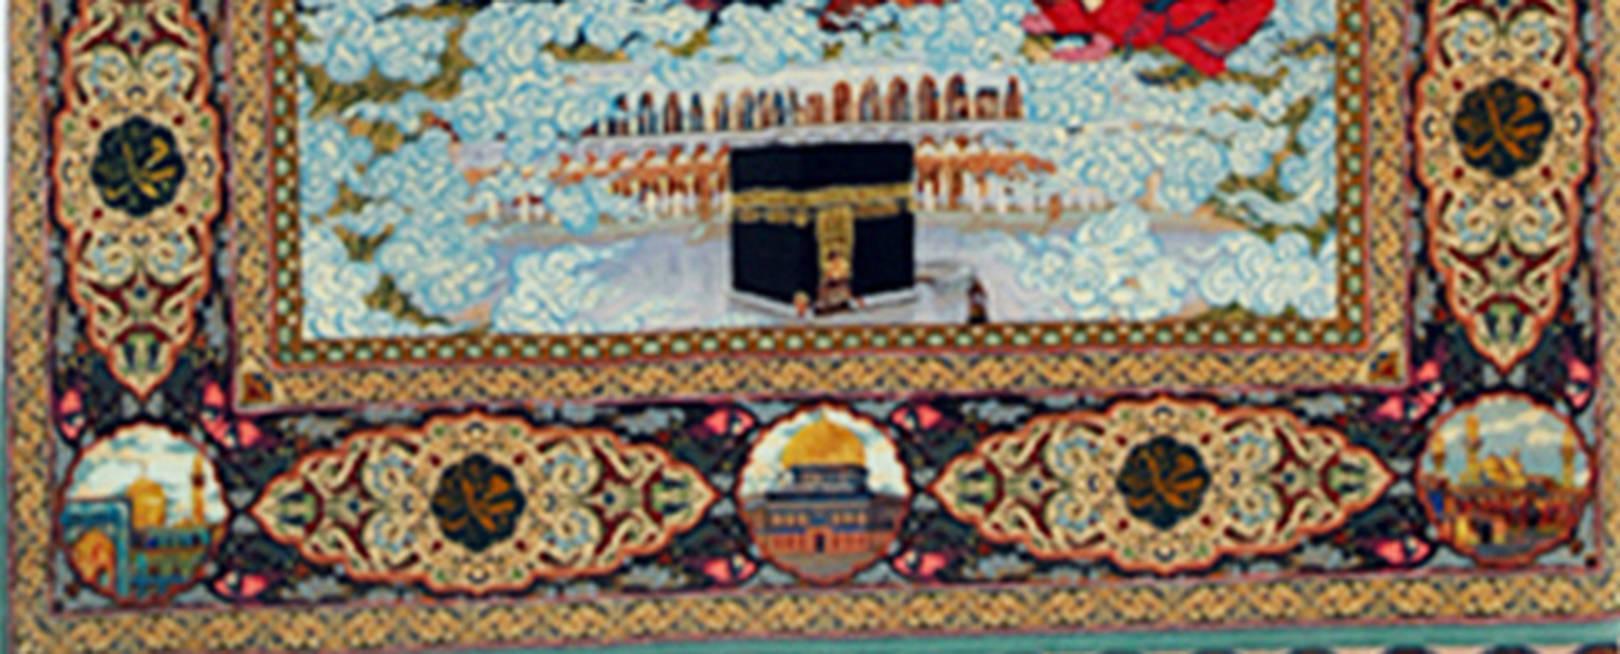 Чисто шерстяной ковер ручной работы, на котором изображена встречаПророка Мухаммеда с ангелами и Творцом. Работа выполнена на основе миниатюры XV века. По краяам ковра сотканы суры из Корана. Аналогои этому ковру нет.Ковер  высоко оцененно Государственная комиссией музея ковров Азербайджана .  Размер ковра 2,20 х 1,70 м. Плотность узлов - 55 на 1 см